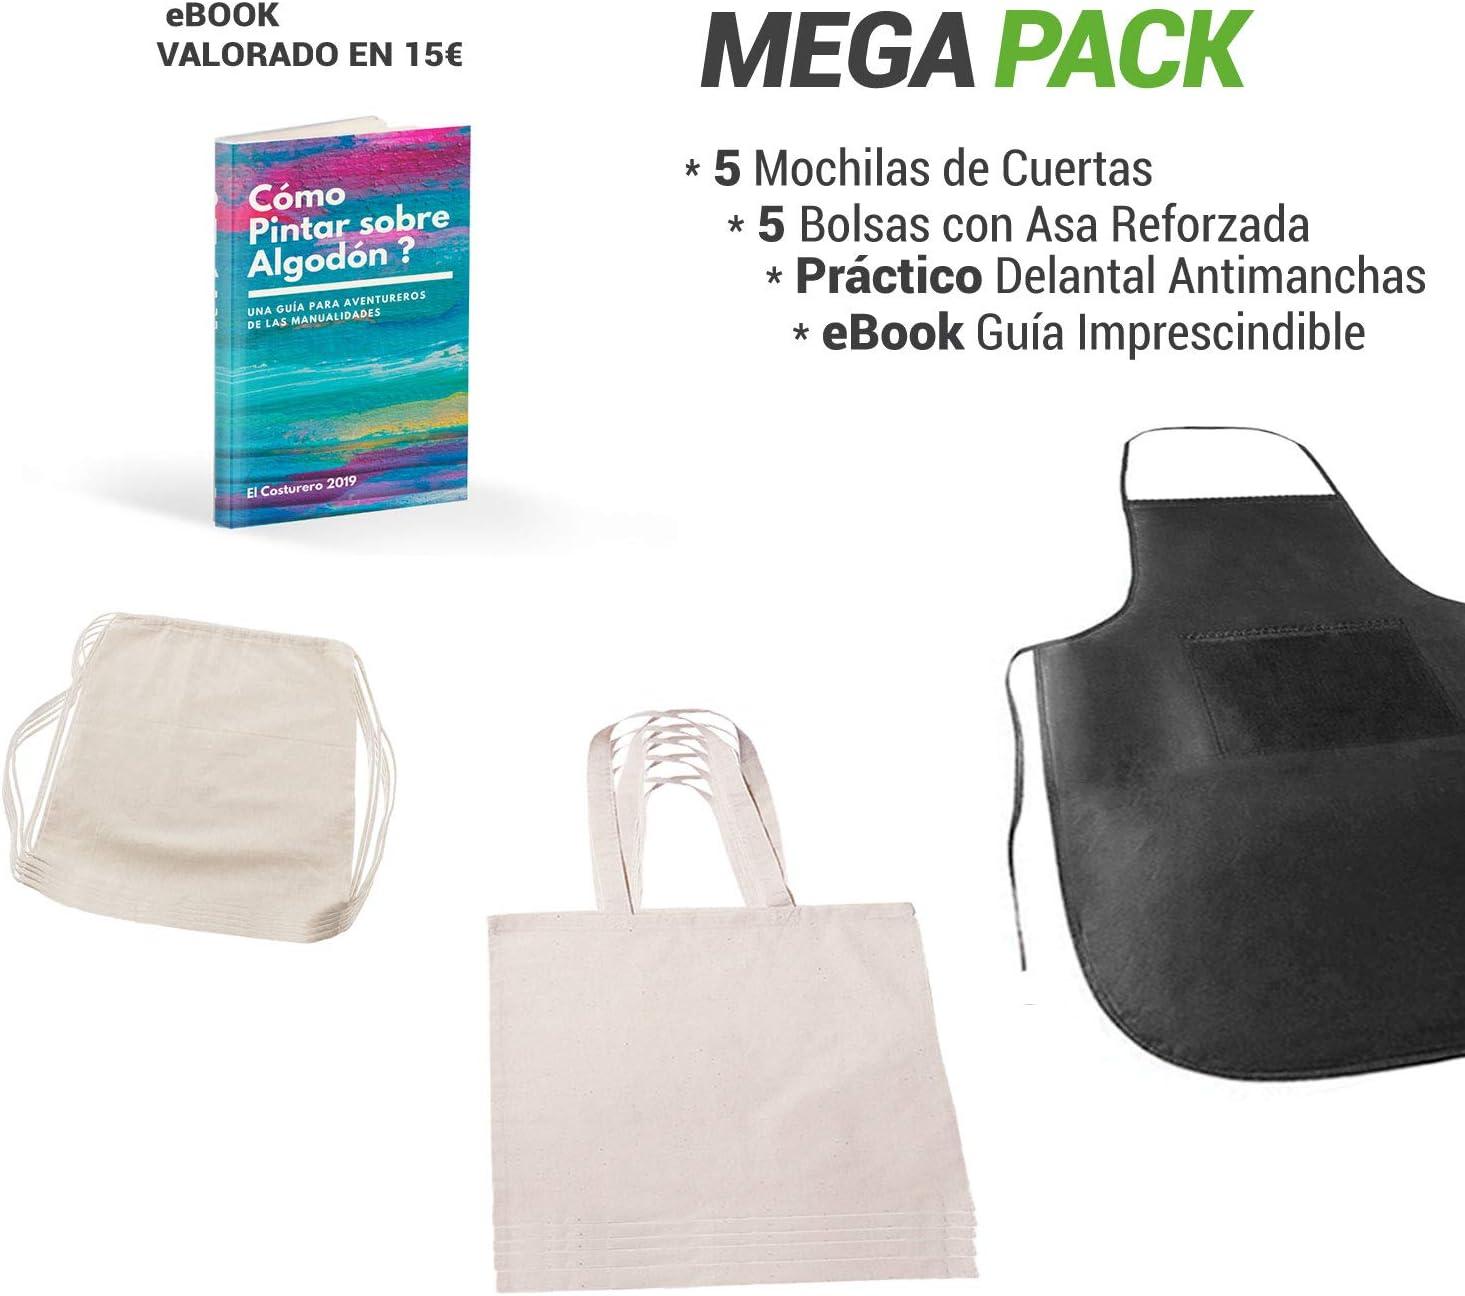 Mega Pack de Bolsas y Mochilas reutilizables de Cuerdas de Algodón ...